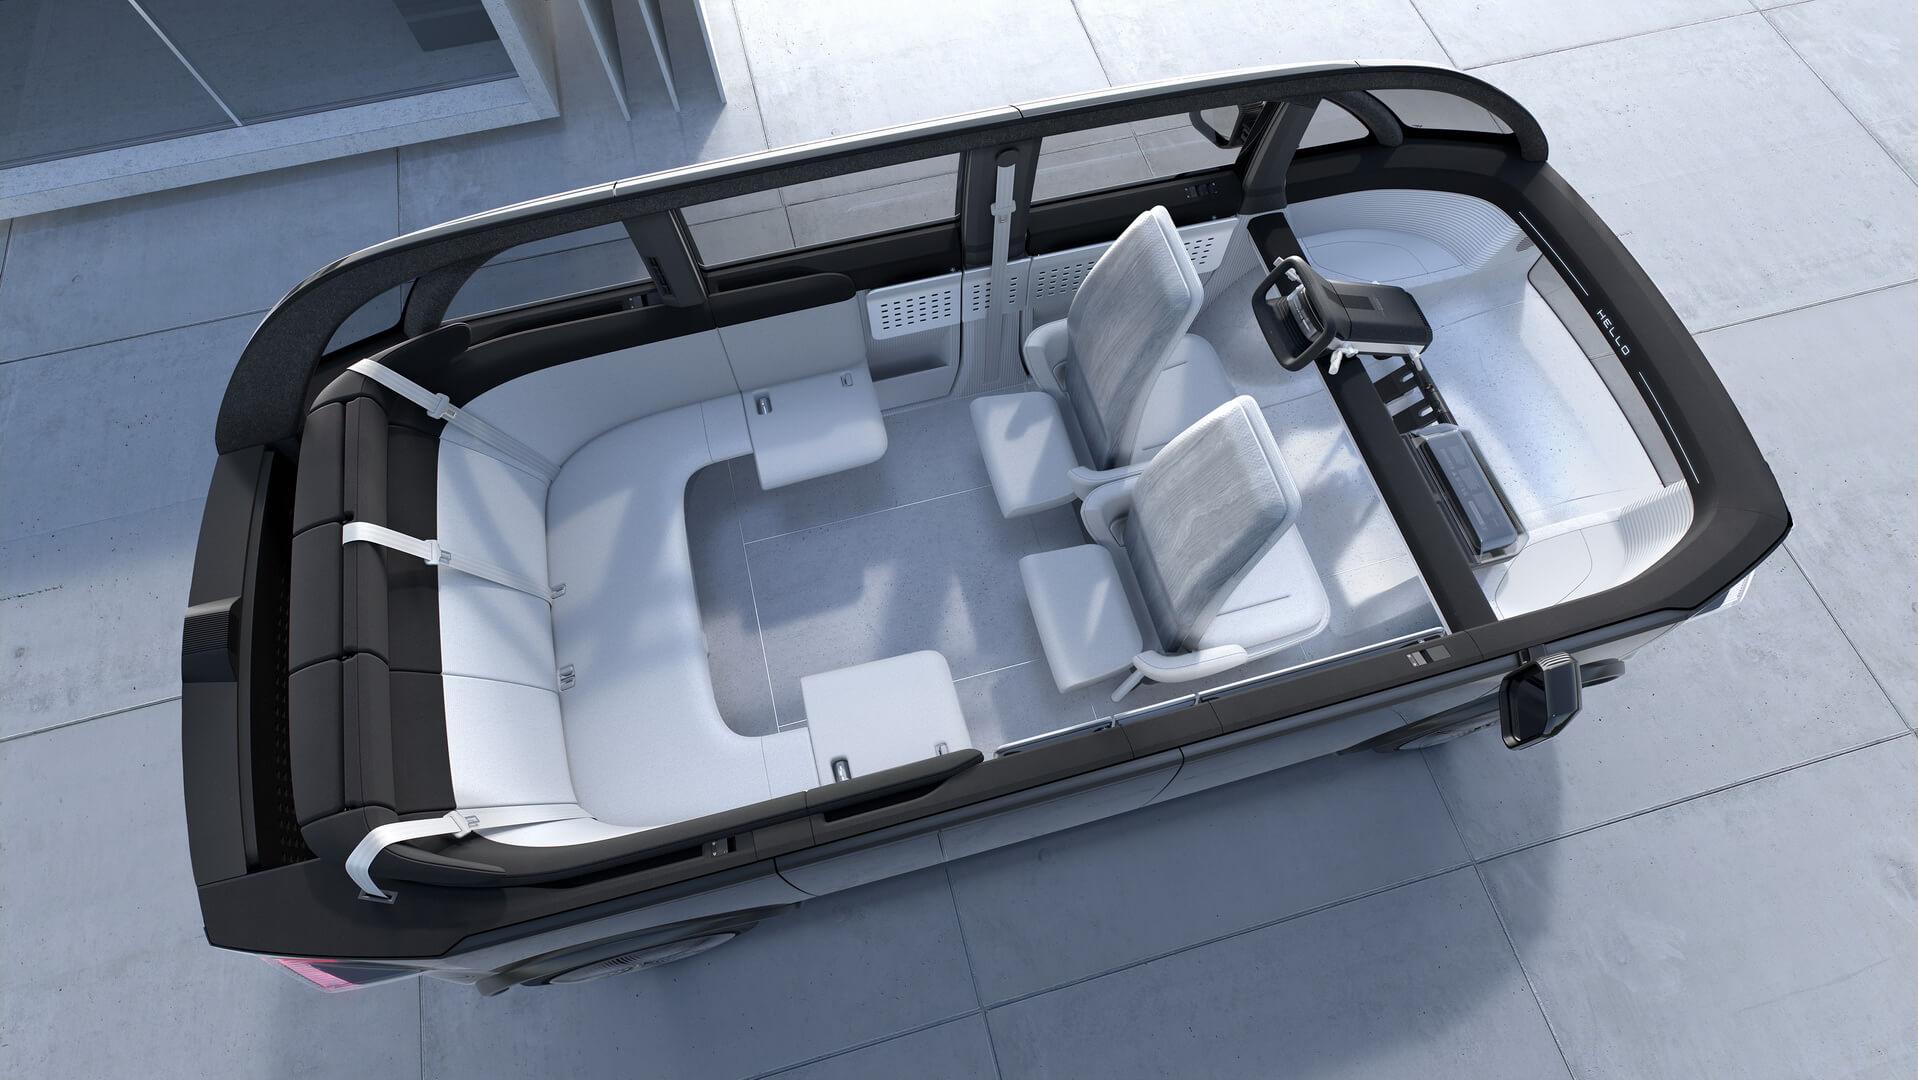 Электрокар Canoo предложит разнообразие кузовных конфигураций